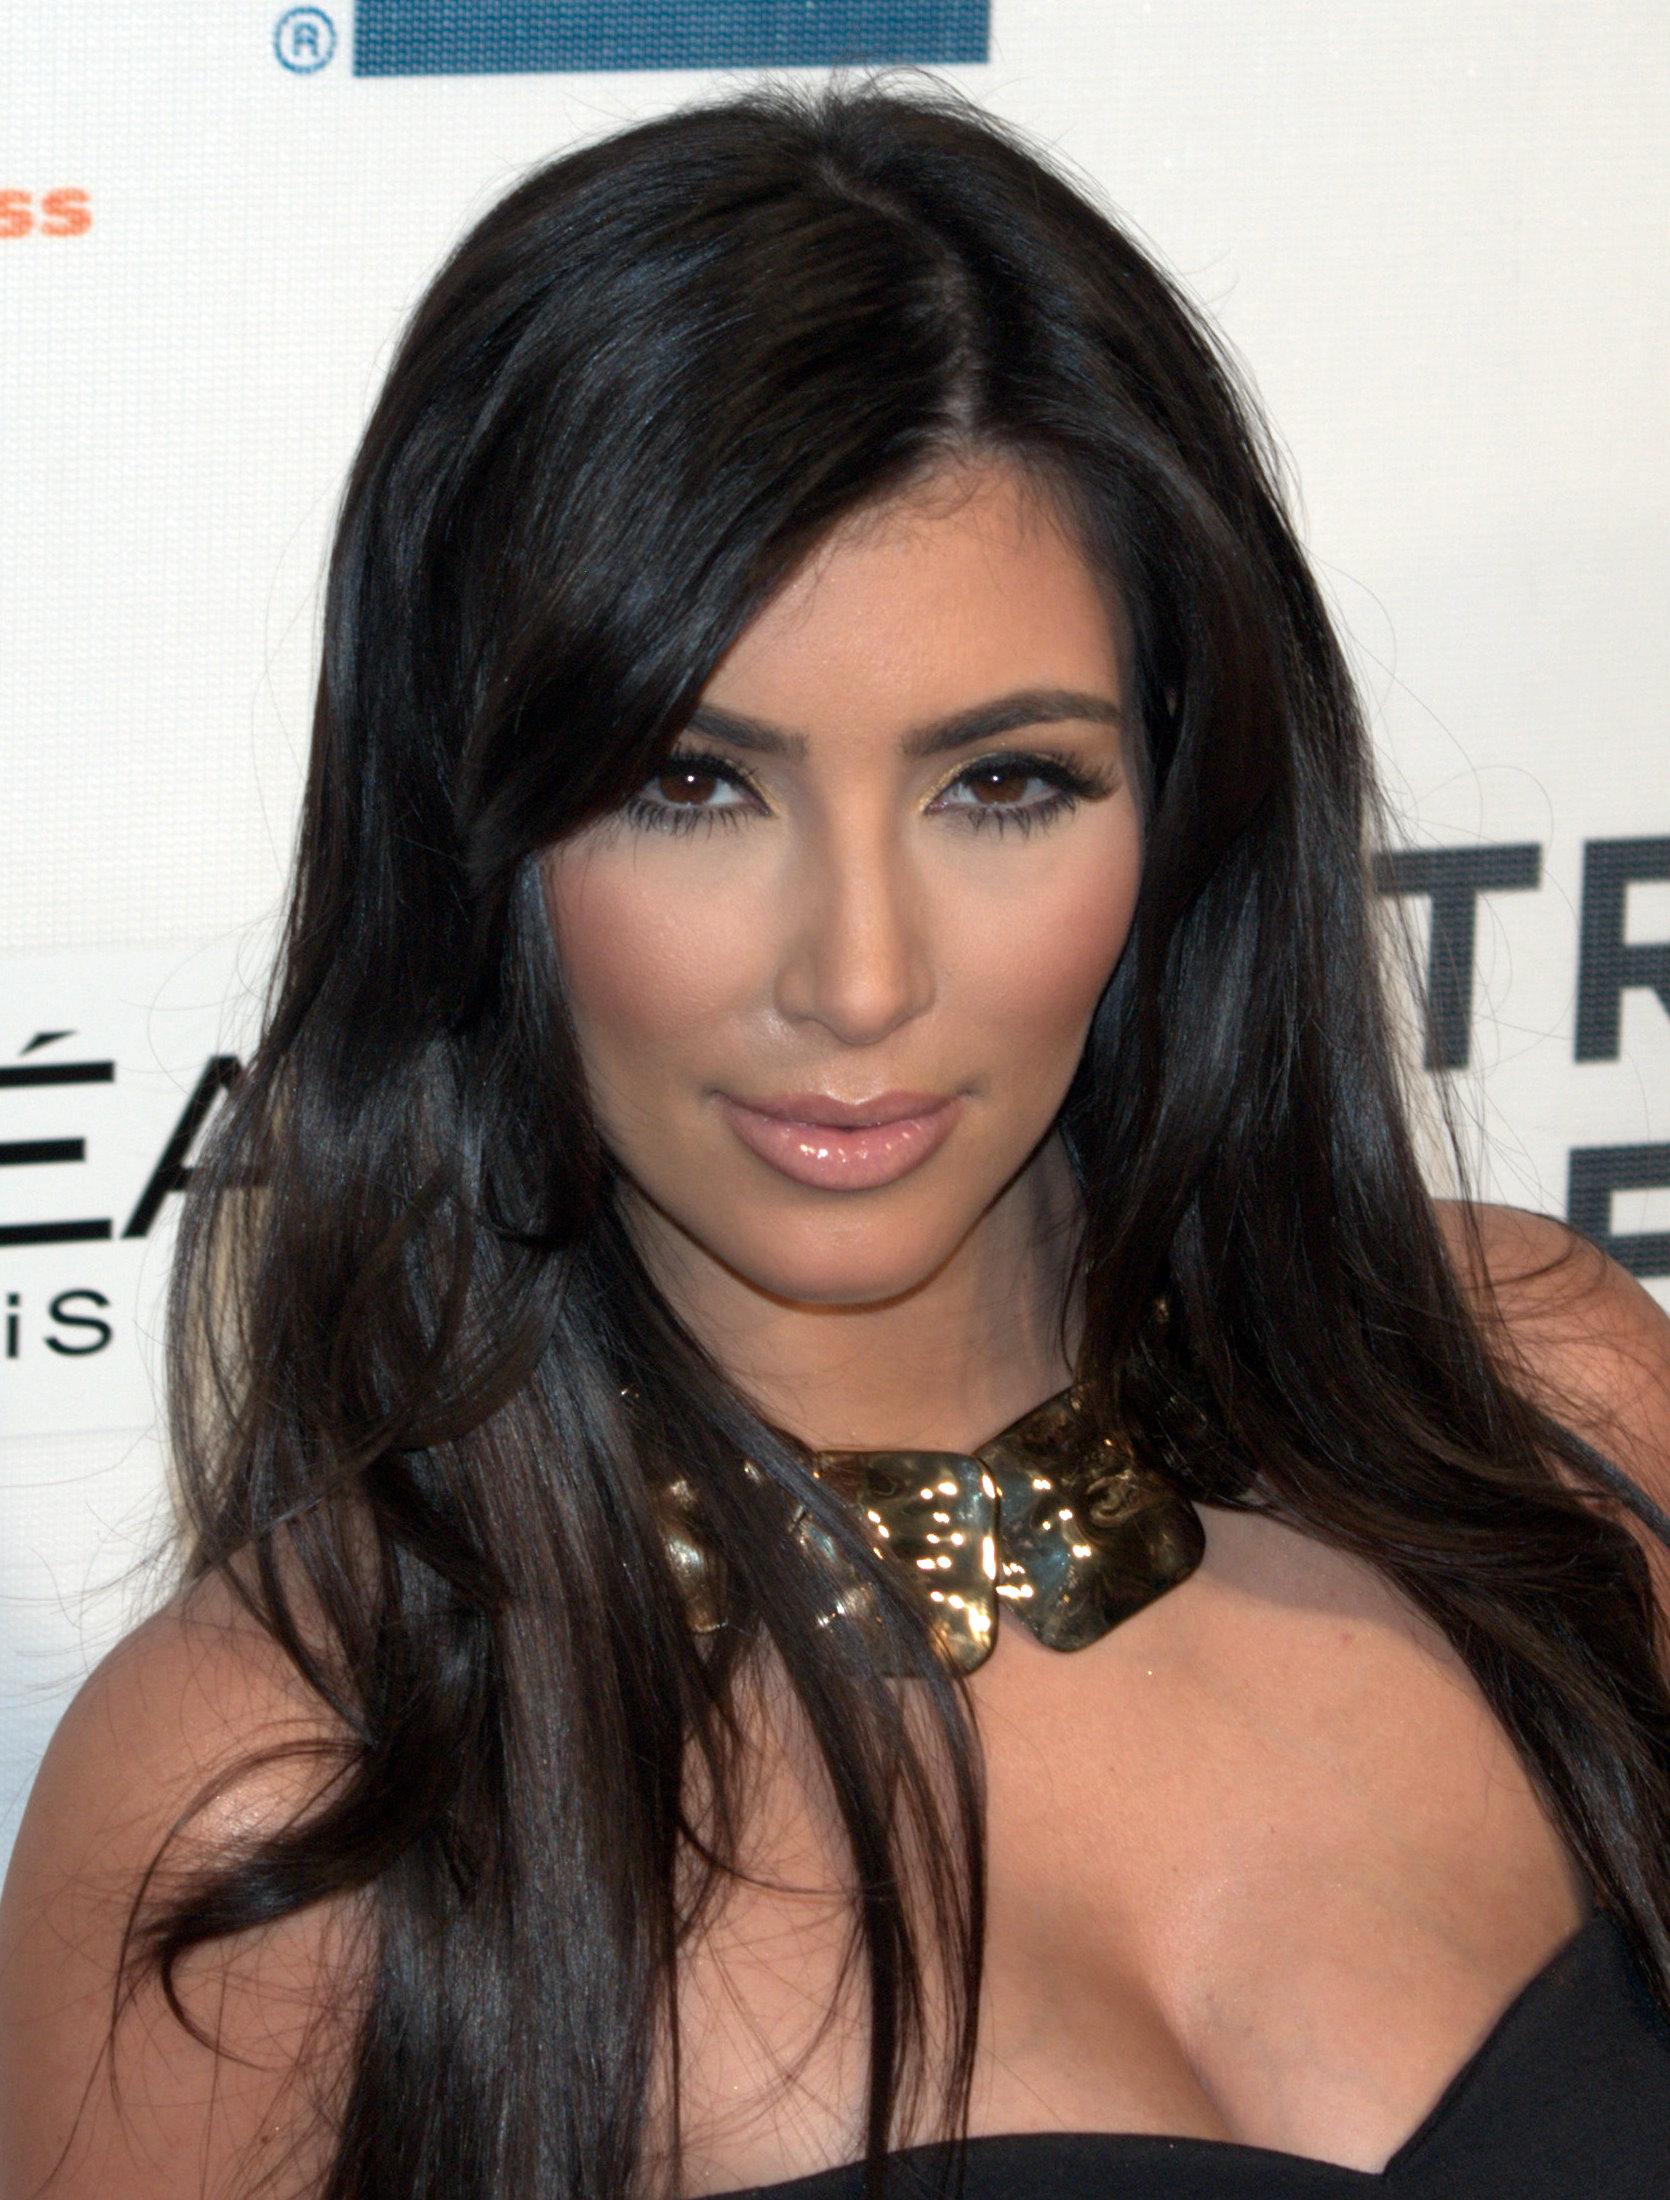 Porno Kim Kardashian